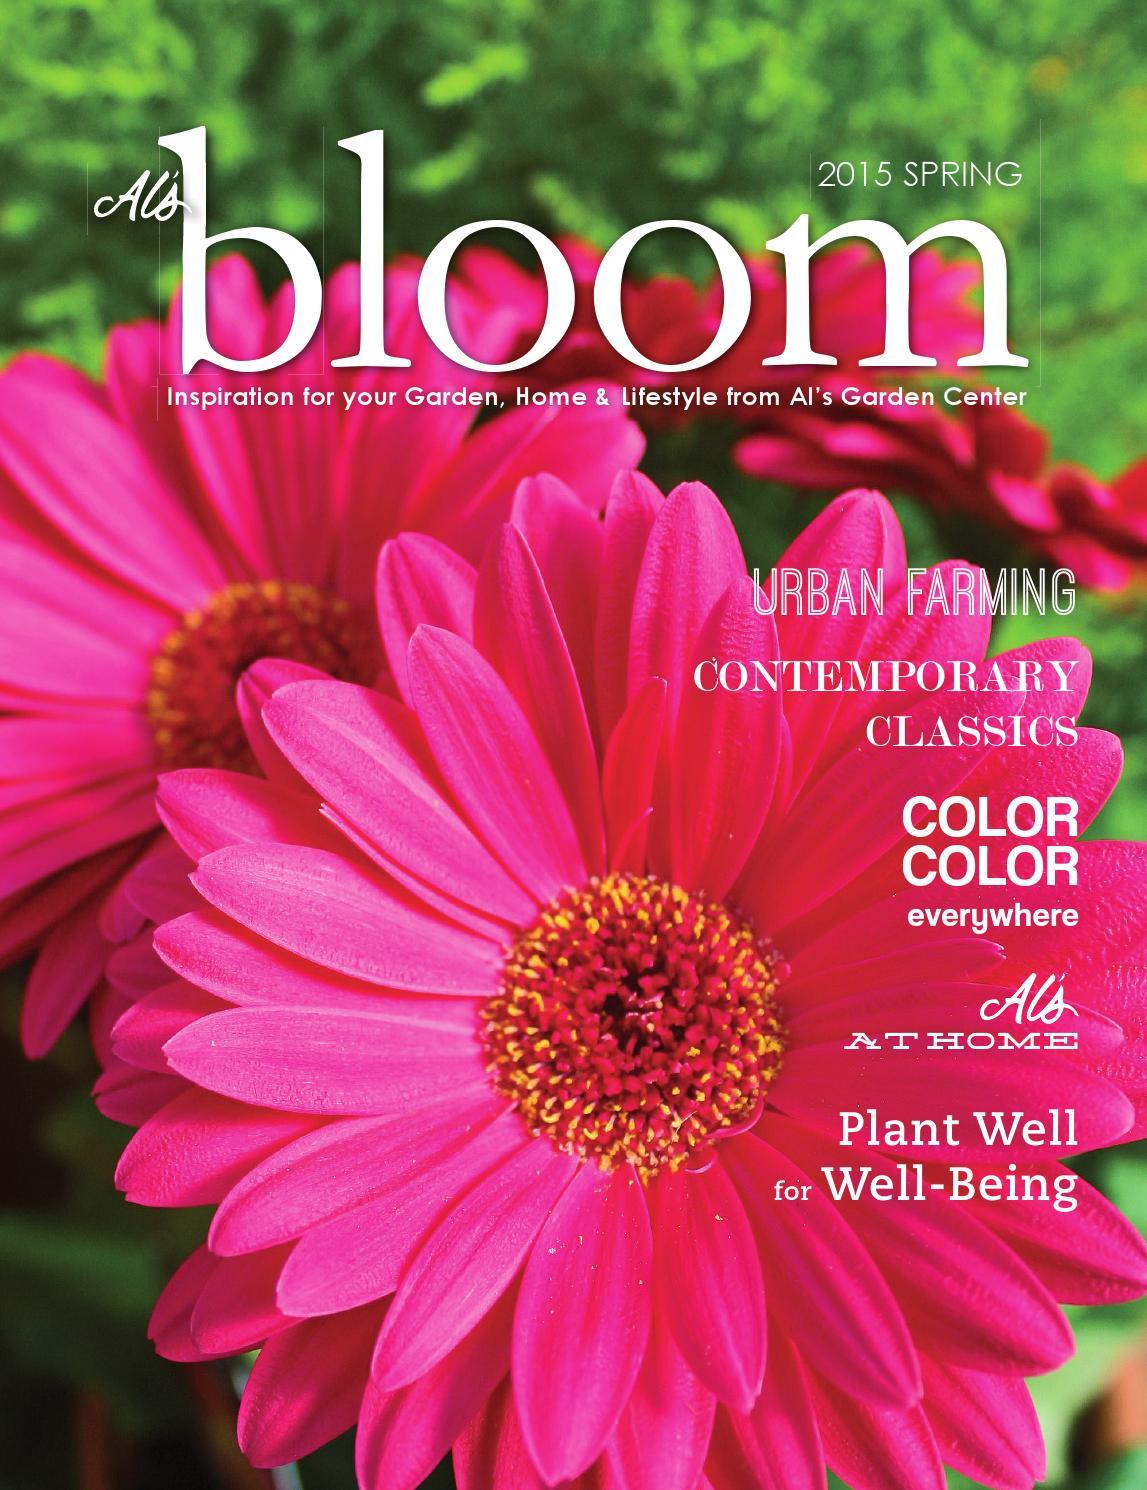 Cosmopolitan Bloom Spring 2015 By Garden Center Issuu Al S Garden Center Sherwood Coupons Al S Garden Center Sherwood Jobs houzz-03 Als Garden Center Sherwood